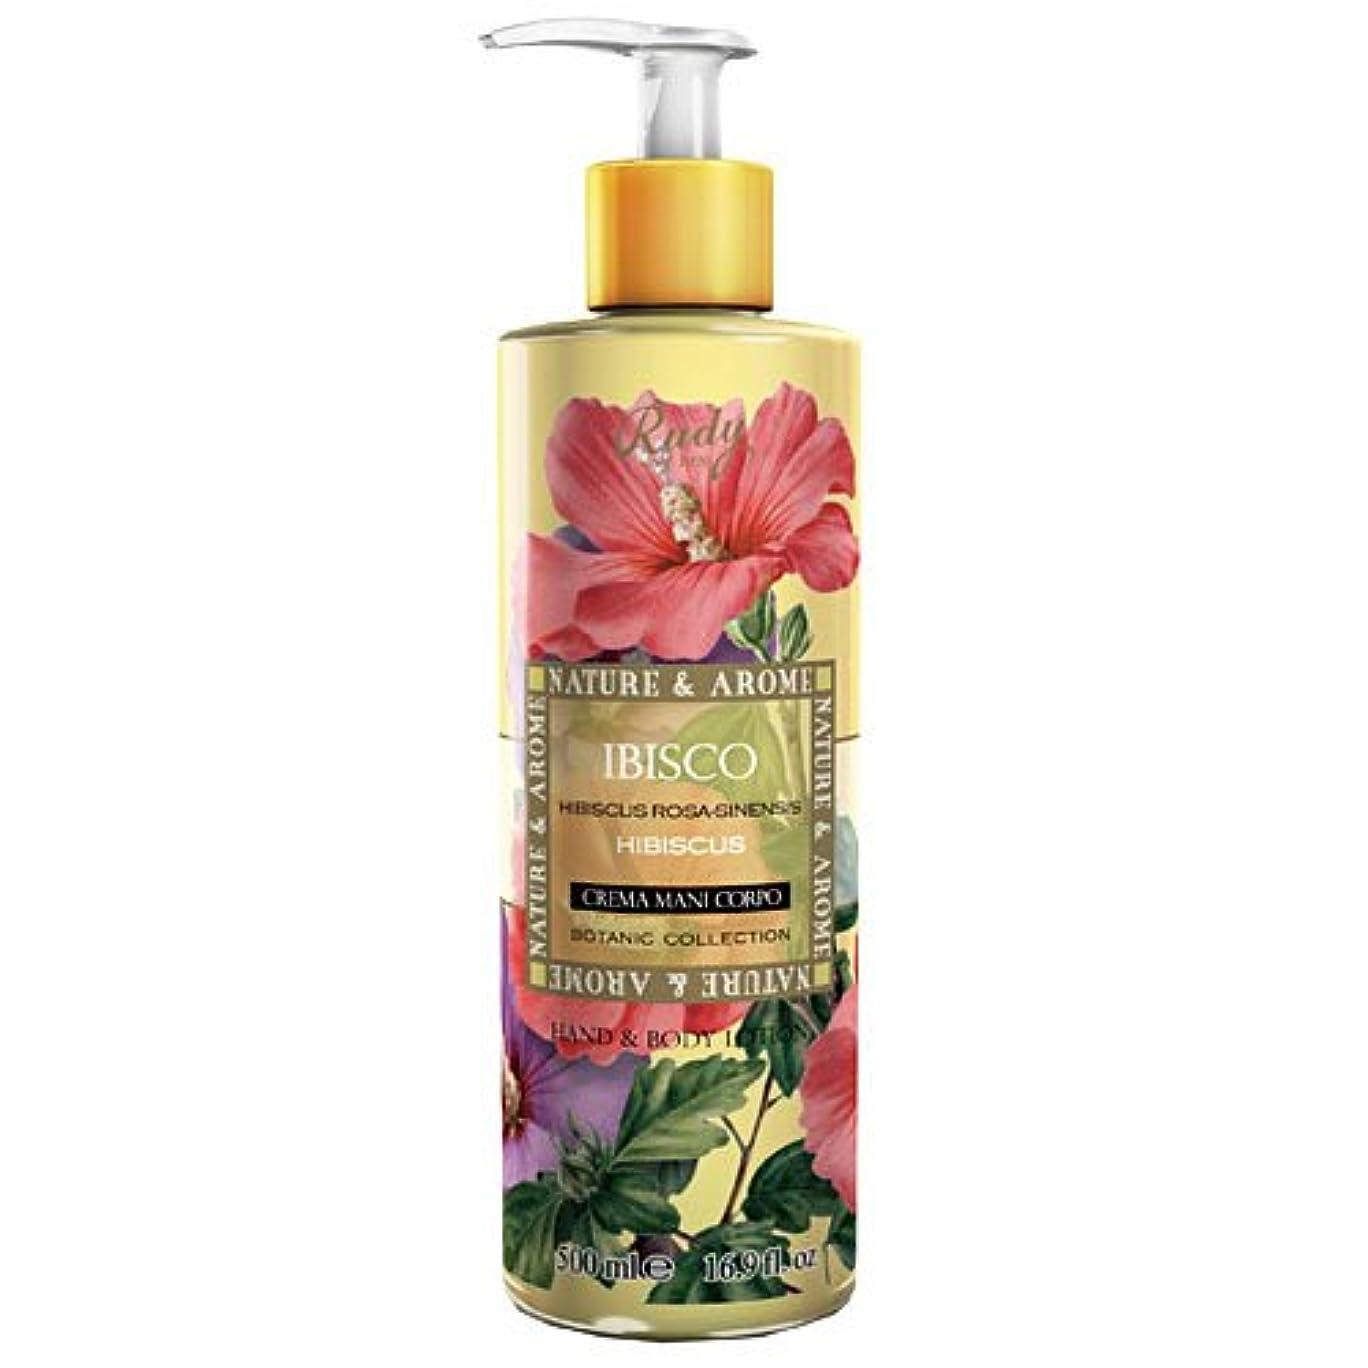 セットアップ入り口バーチャルRUDY Nature&Arome SERIES ルディ ナチュール&アロマ Hand&Body lotion ハンド&ボディローション ハイビスカス